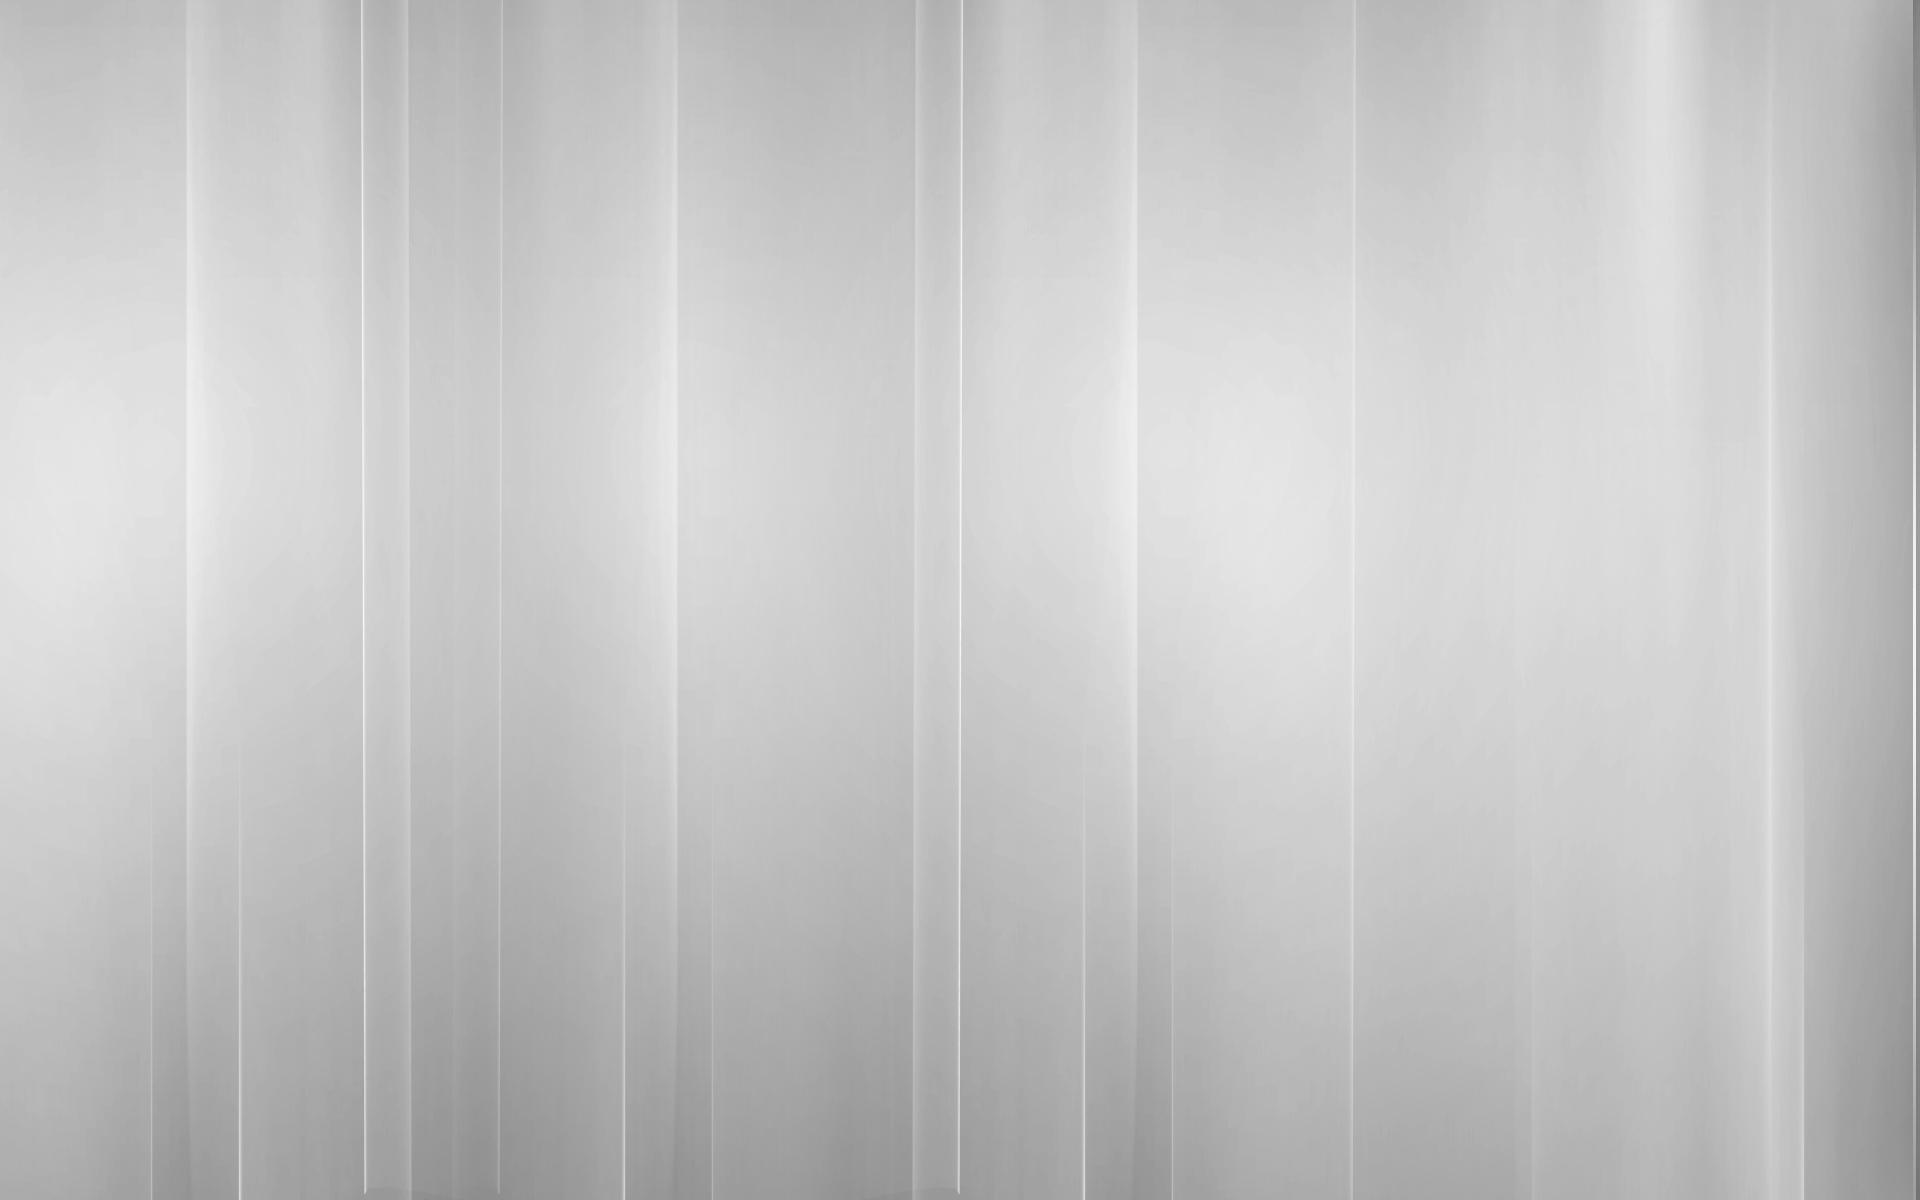 All White Background For Desktop